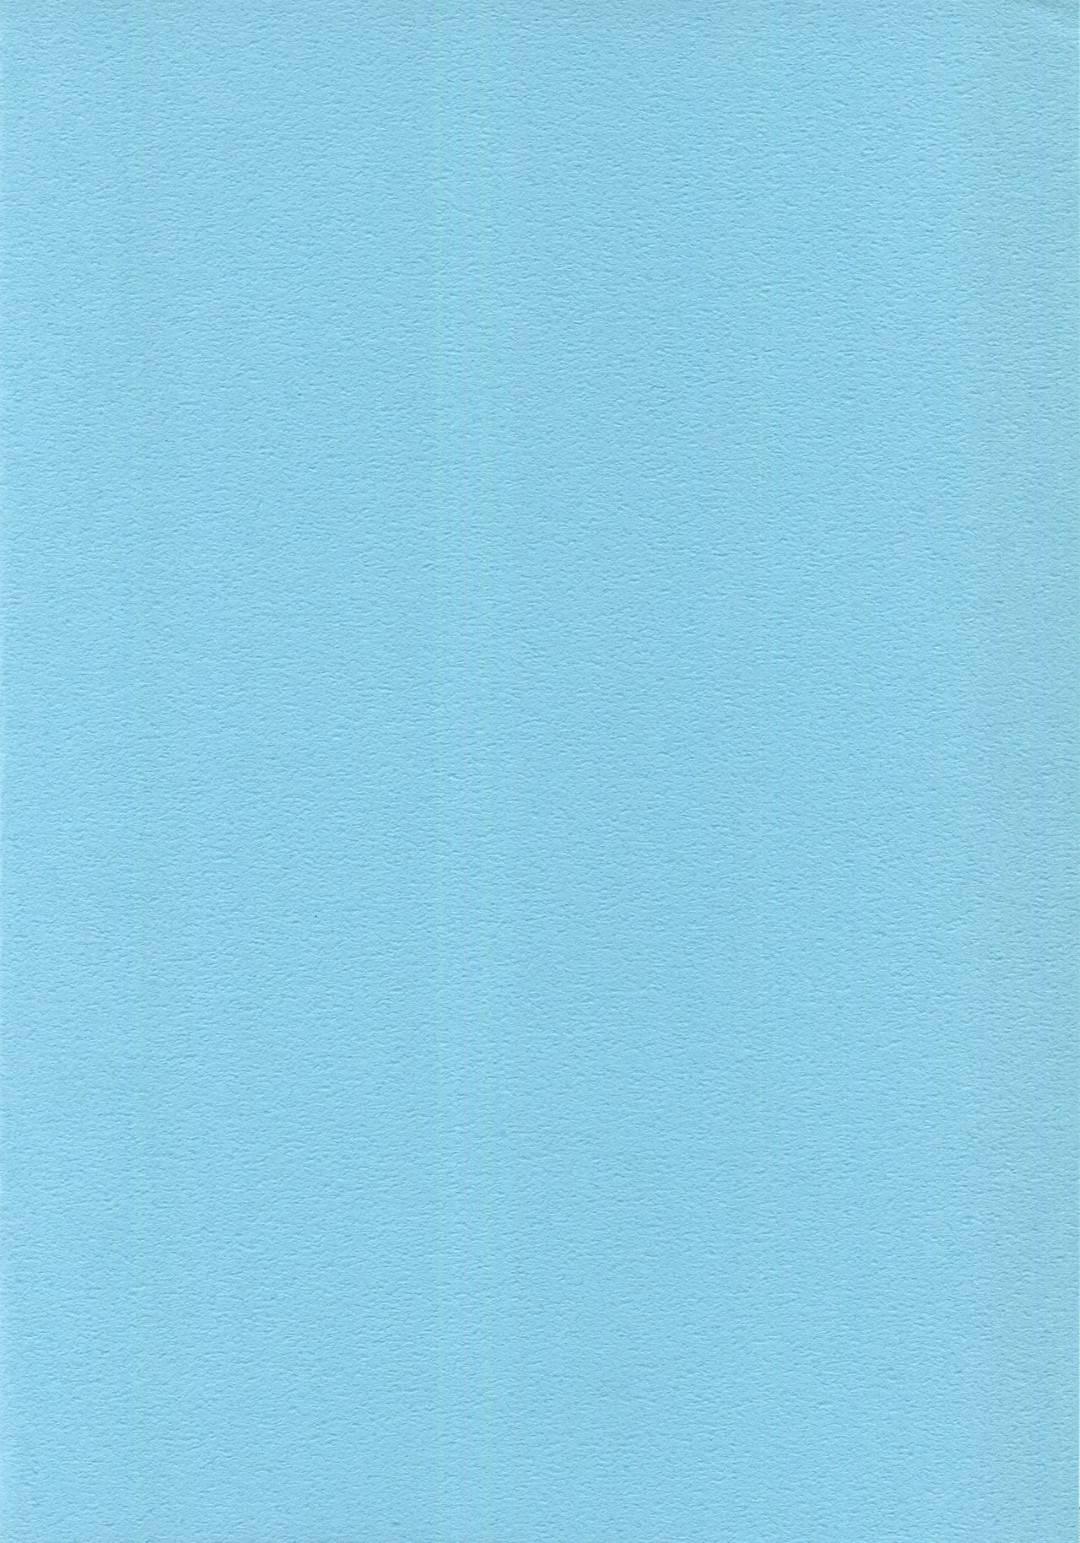 【エロ同人誌】(C91)【グレン城下町の憩いの酒場で冒険者を接客する巨乳オーガ娘達…戸惑っていた勇者をたっぷりのサービスと誘惑によって3人同時指名される!妄想エンジン (コロツケ):元祖高級ぱふぱふ 憩いの酒場~グレン駅前店~/ドラゴンクエストX】